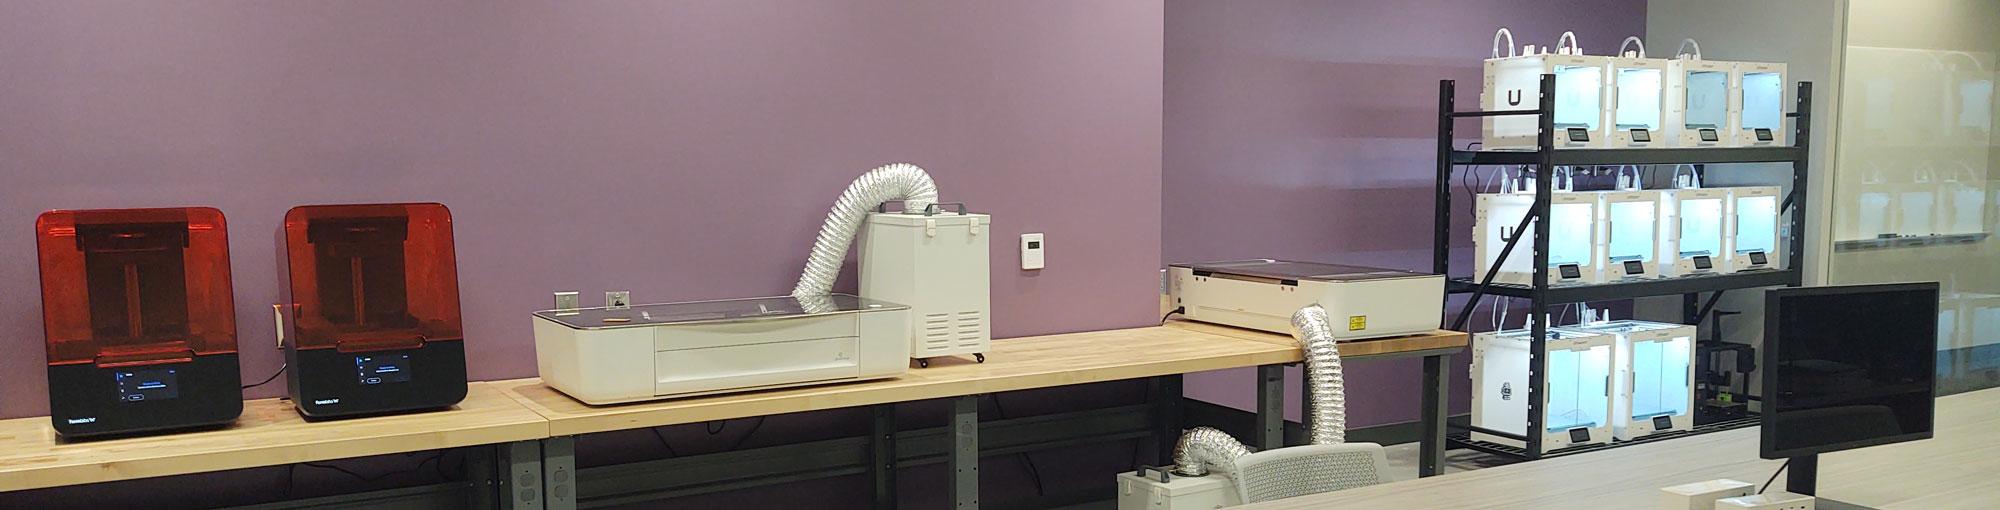 banks of 3D printers